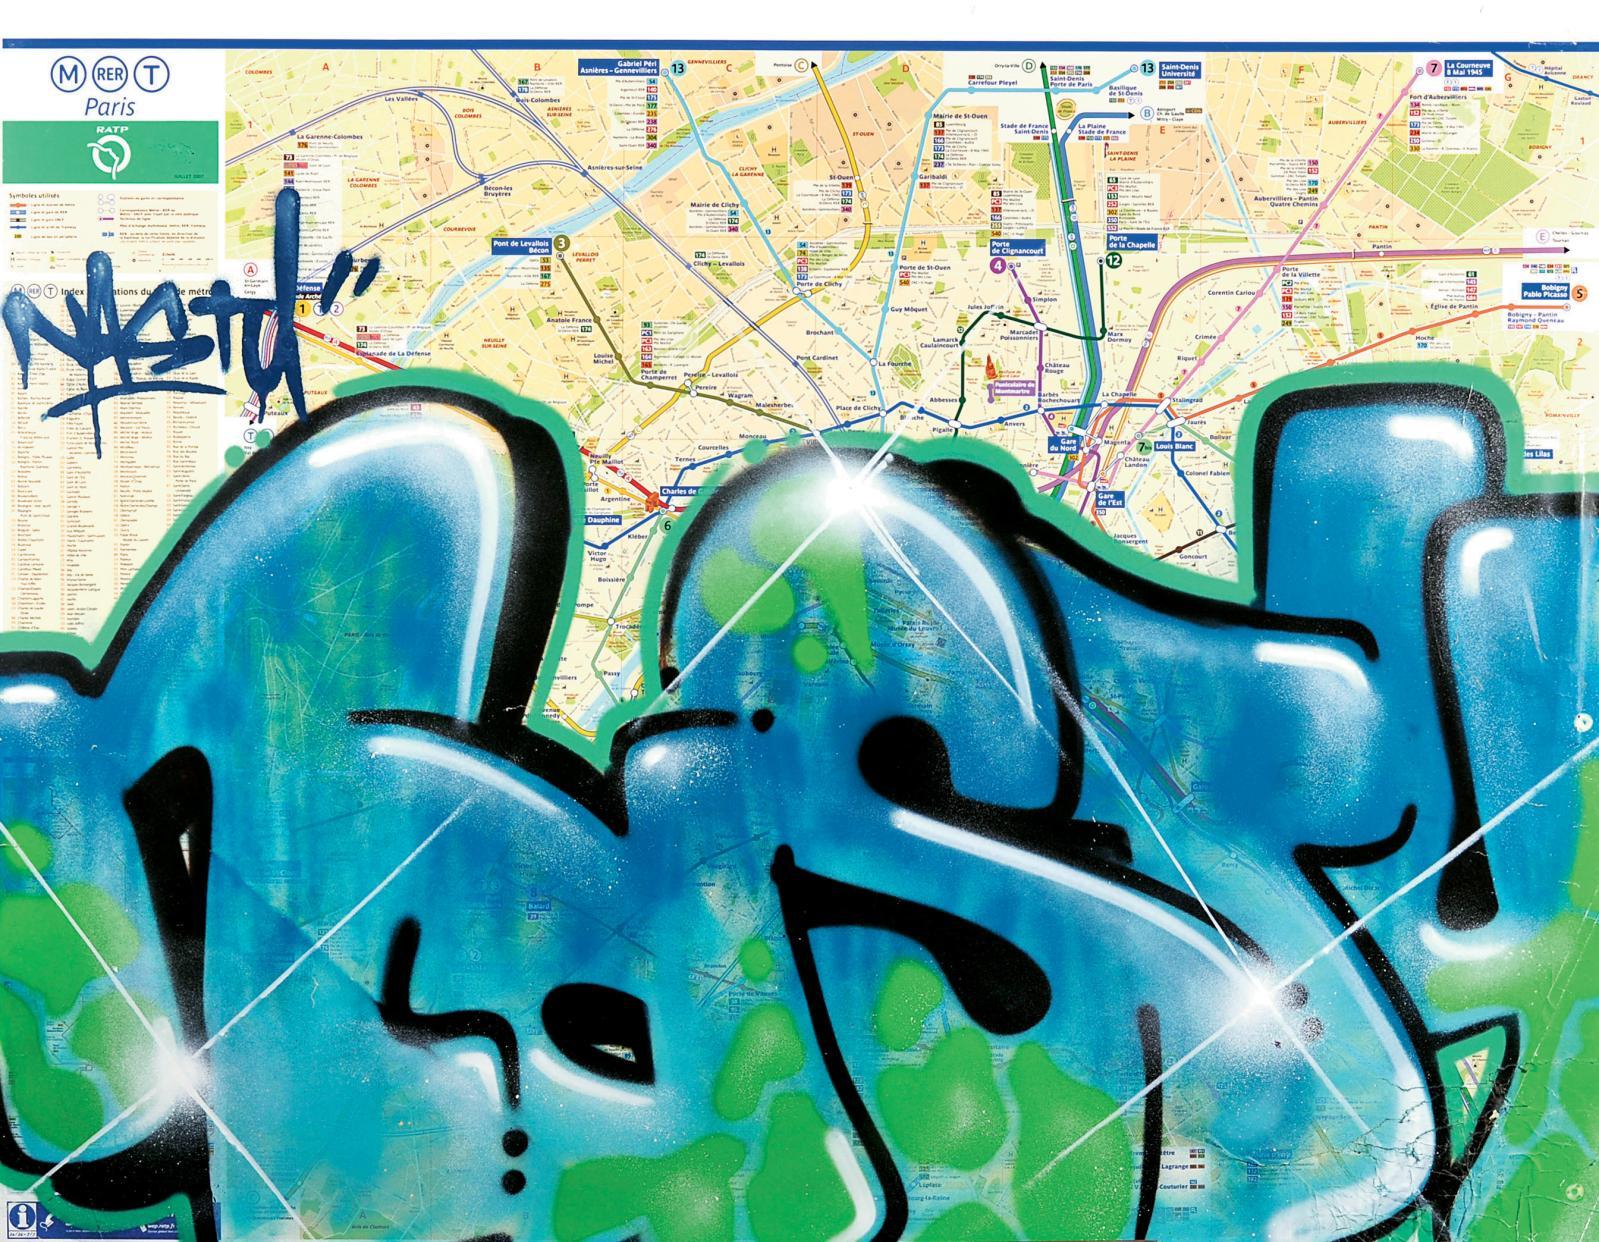 Nasty (né en 1974), Sans titre, 2007, peinture aérosol sur plan de métro parisien marouflé sur carton, 99x126cm. Paris, Drouot-Richelieu, 11juin